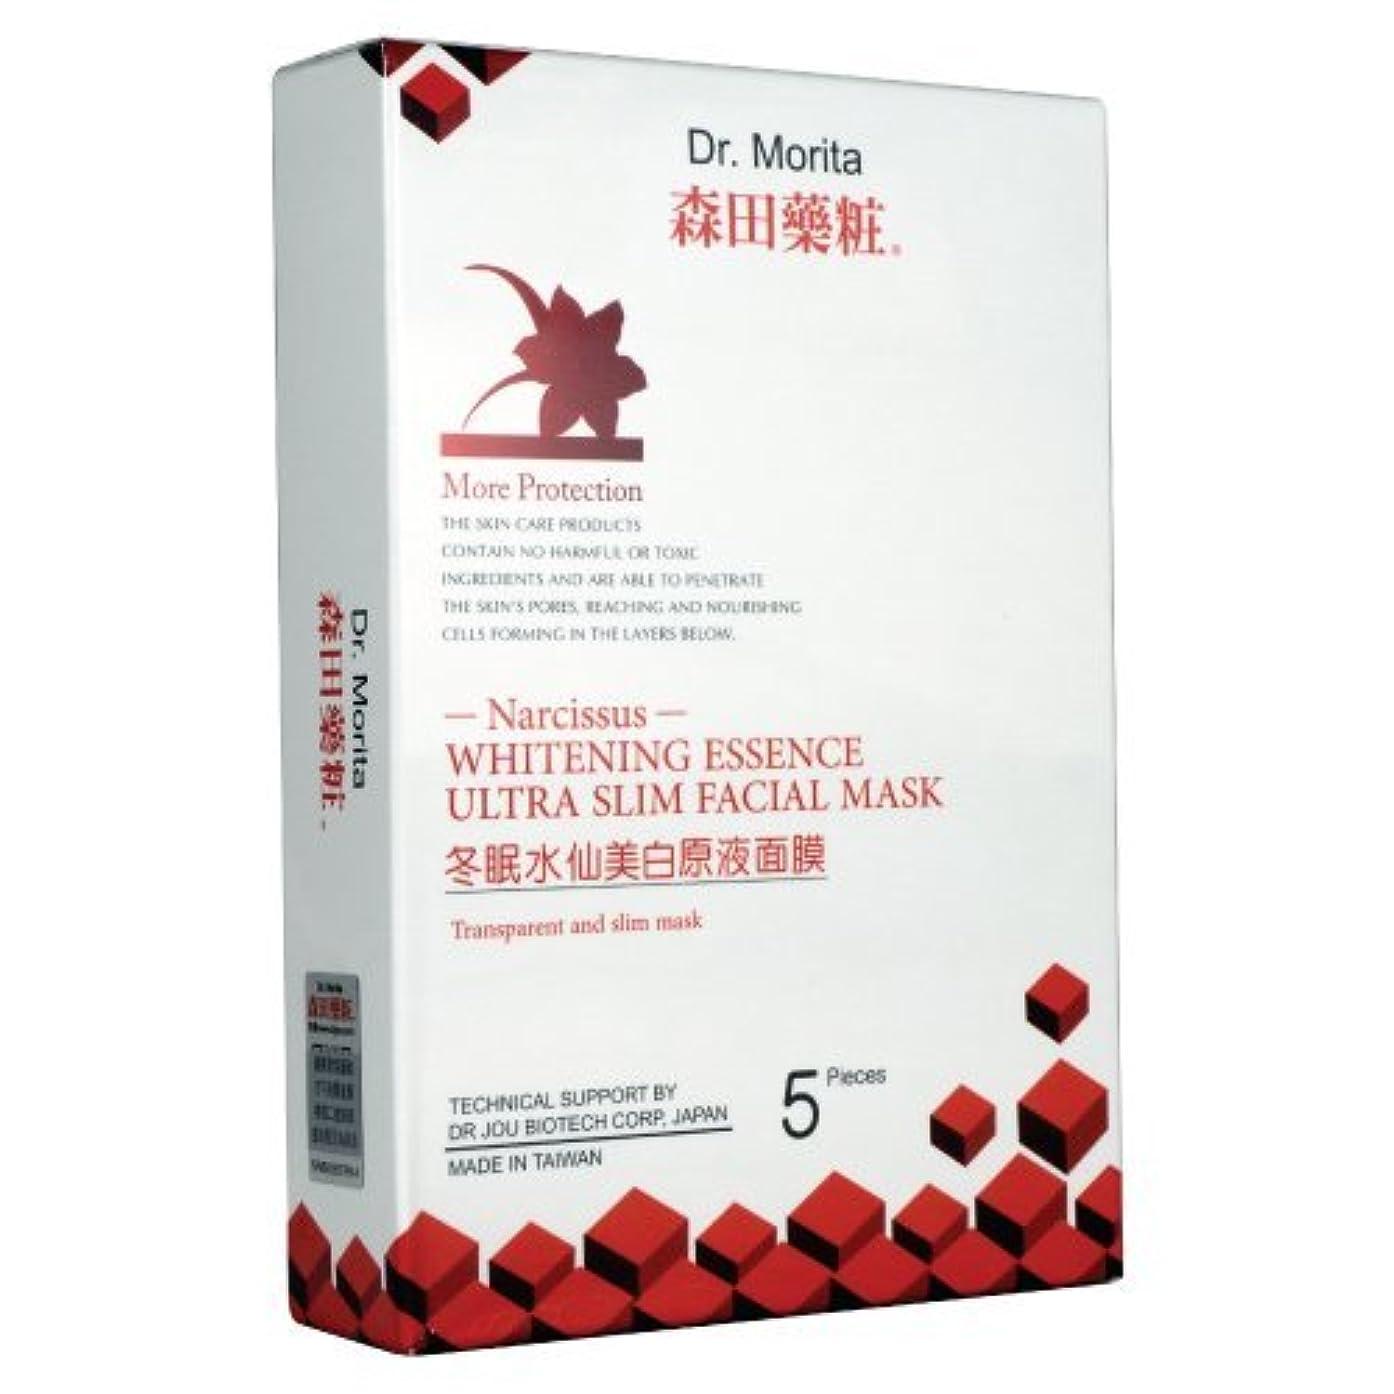 彼のより環境に優しいDoctor Morita ナルシス白いマスク-5薄い皮膚の傷に、皮膚若々しく、健康な状態を保つ美白含まれています